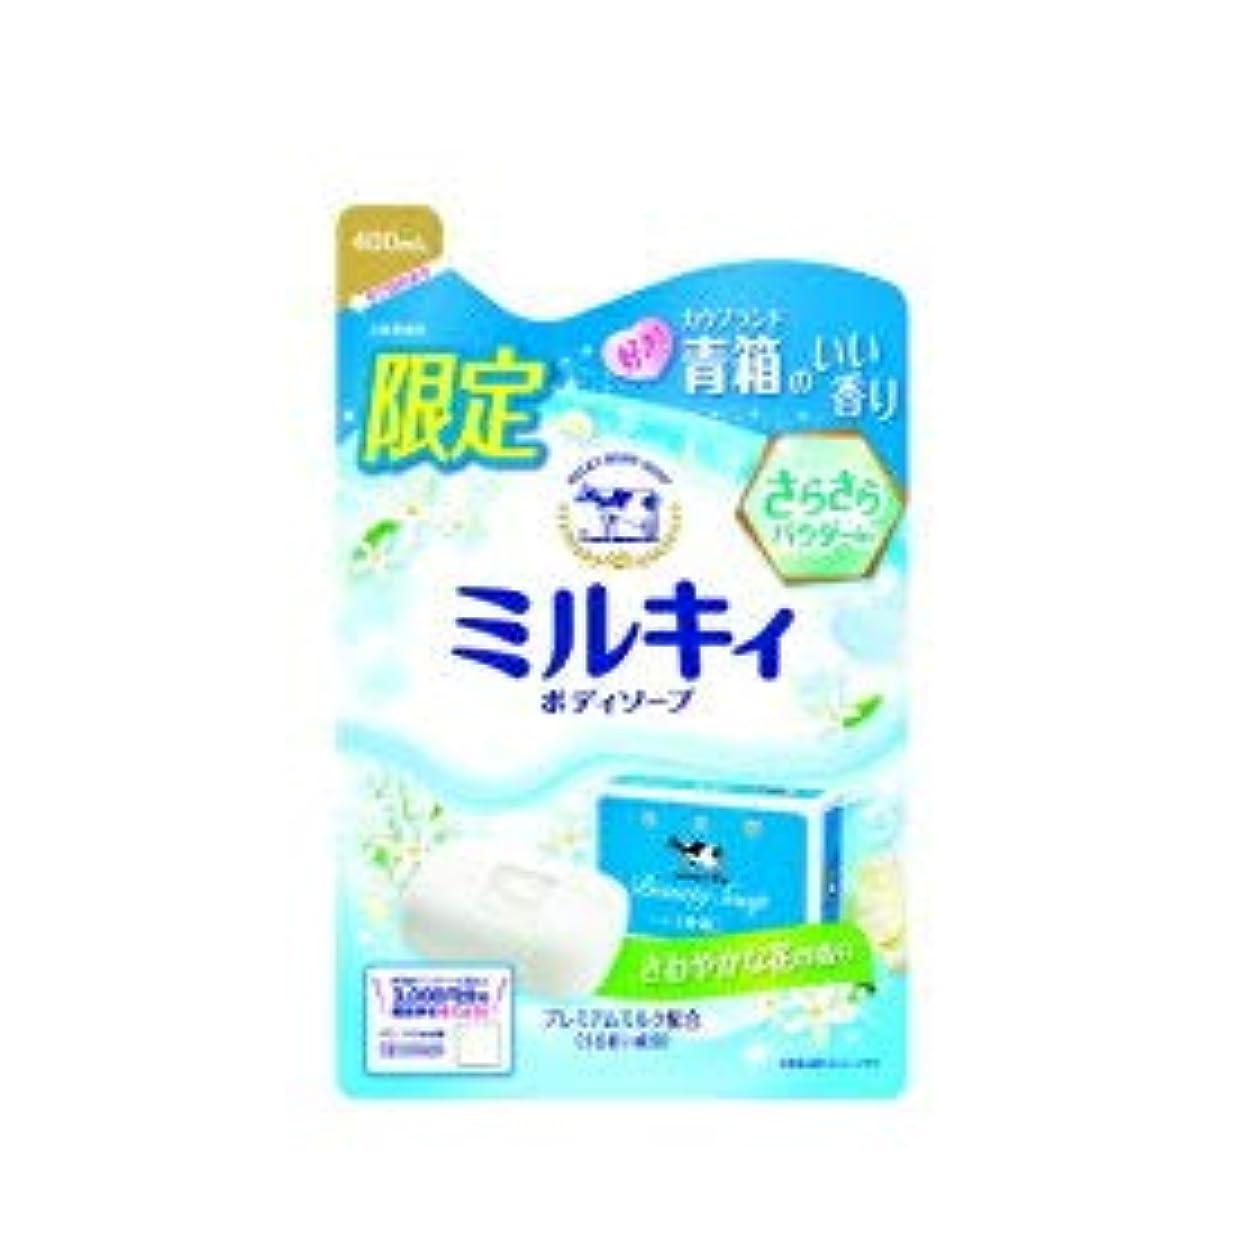 神話バリア樹木【限定】ミルキィボディソープ 青箱の香り 詰替 400ml